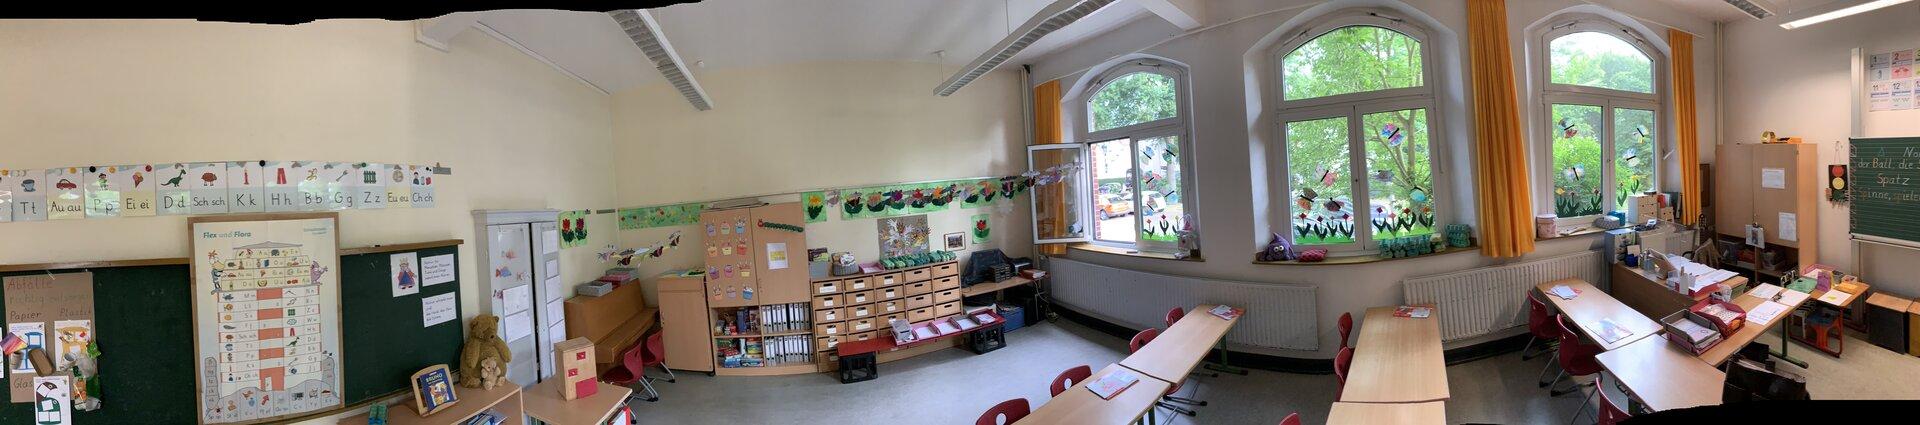 Der Raum einer 1. Klasse von hinten